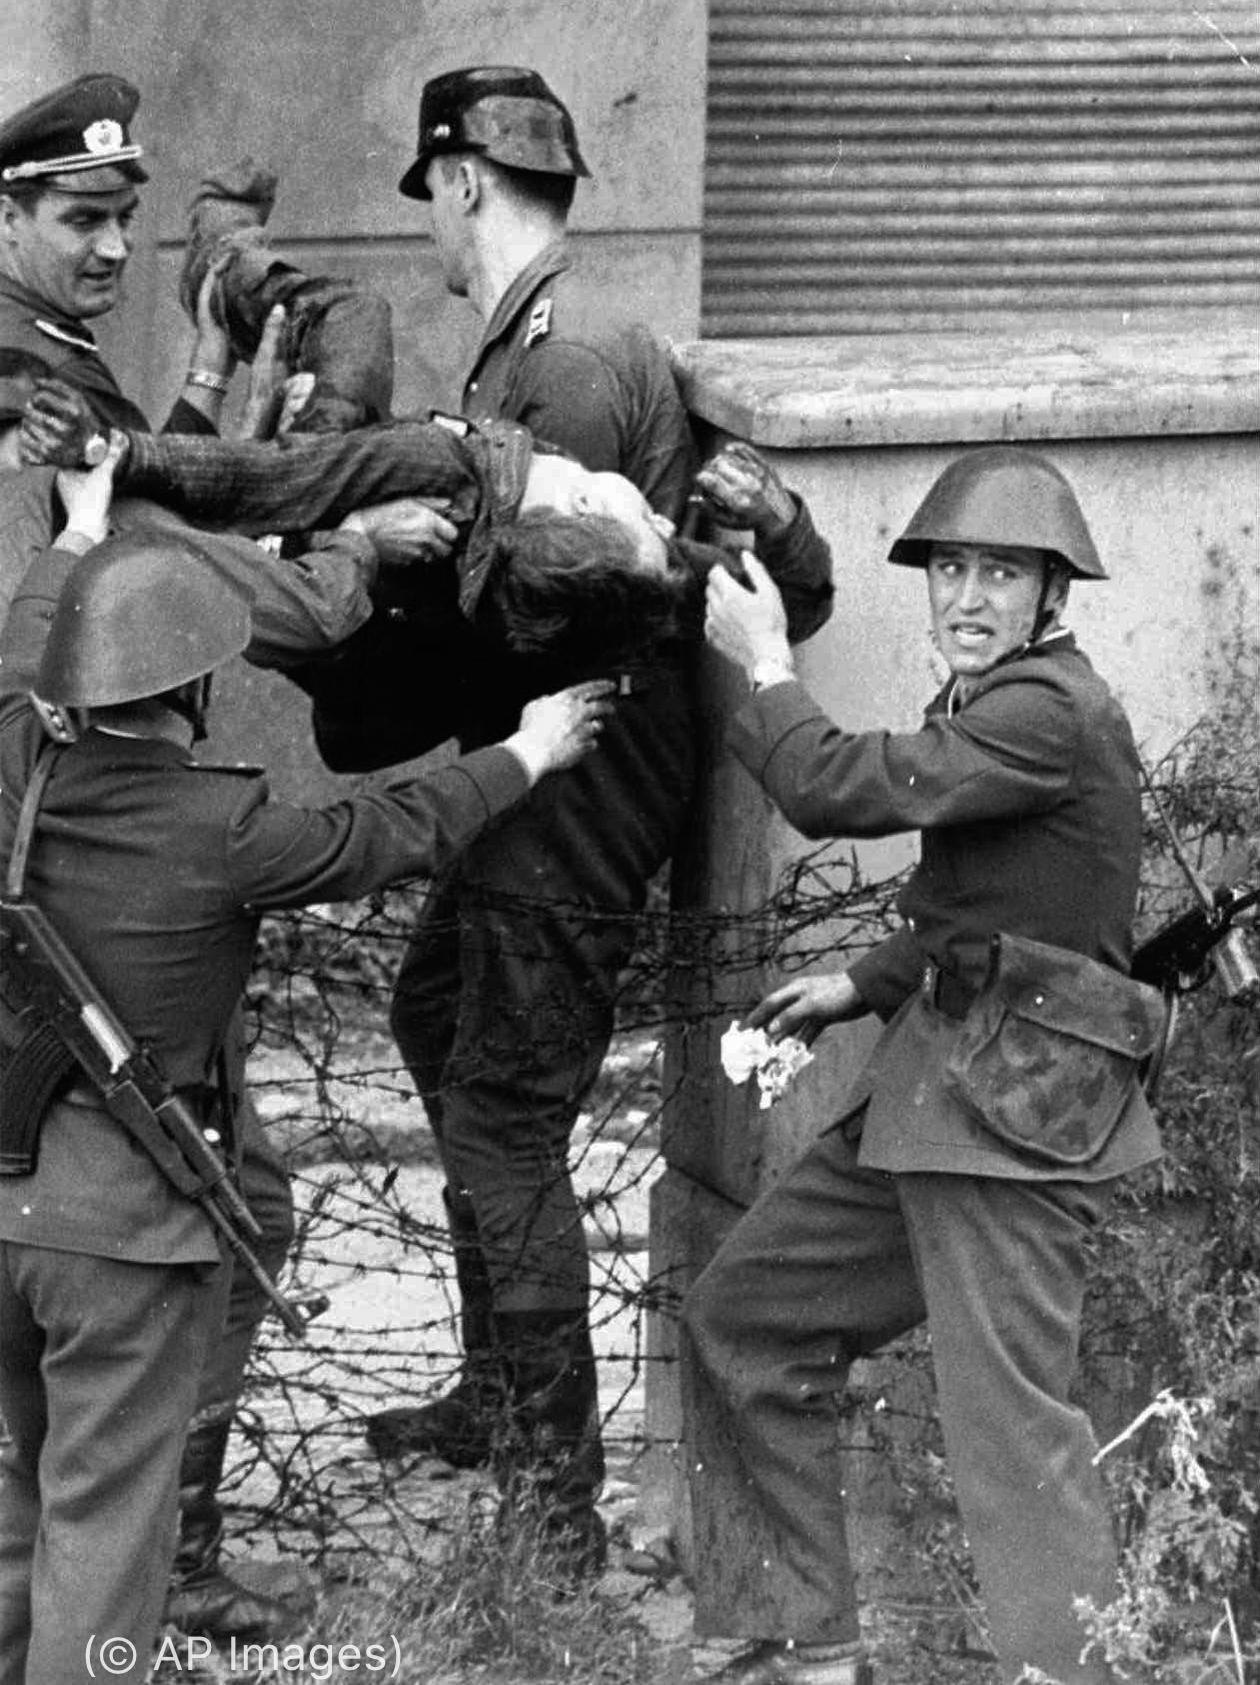 Des hommes en uniforme transportant un homme par-dessus une clôture de barbelés (© AP Images)